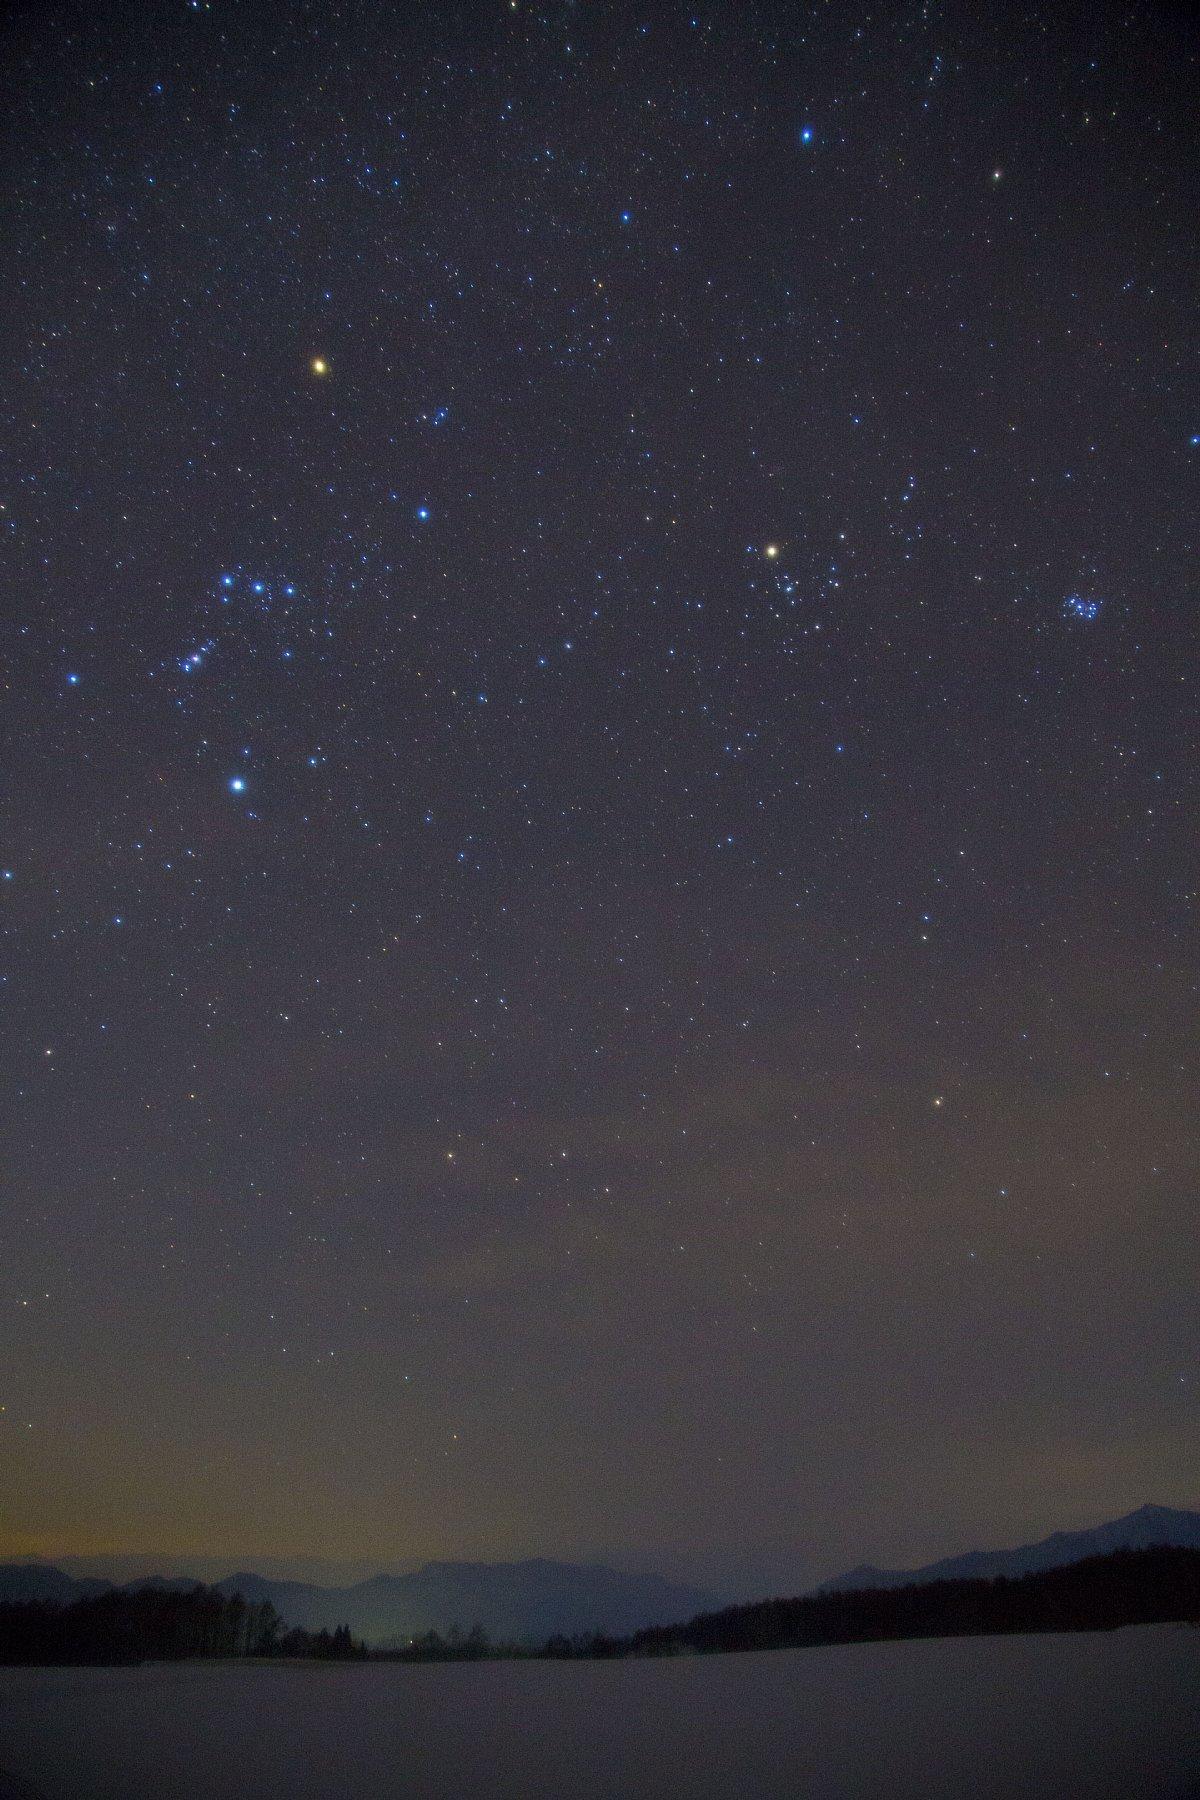 【星景】雪の平原と冬の星々